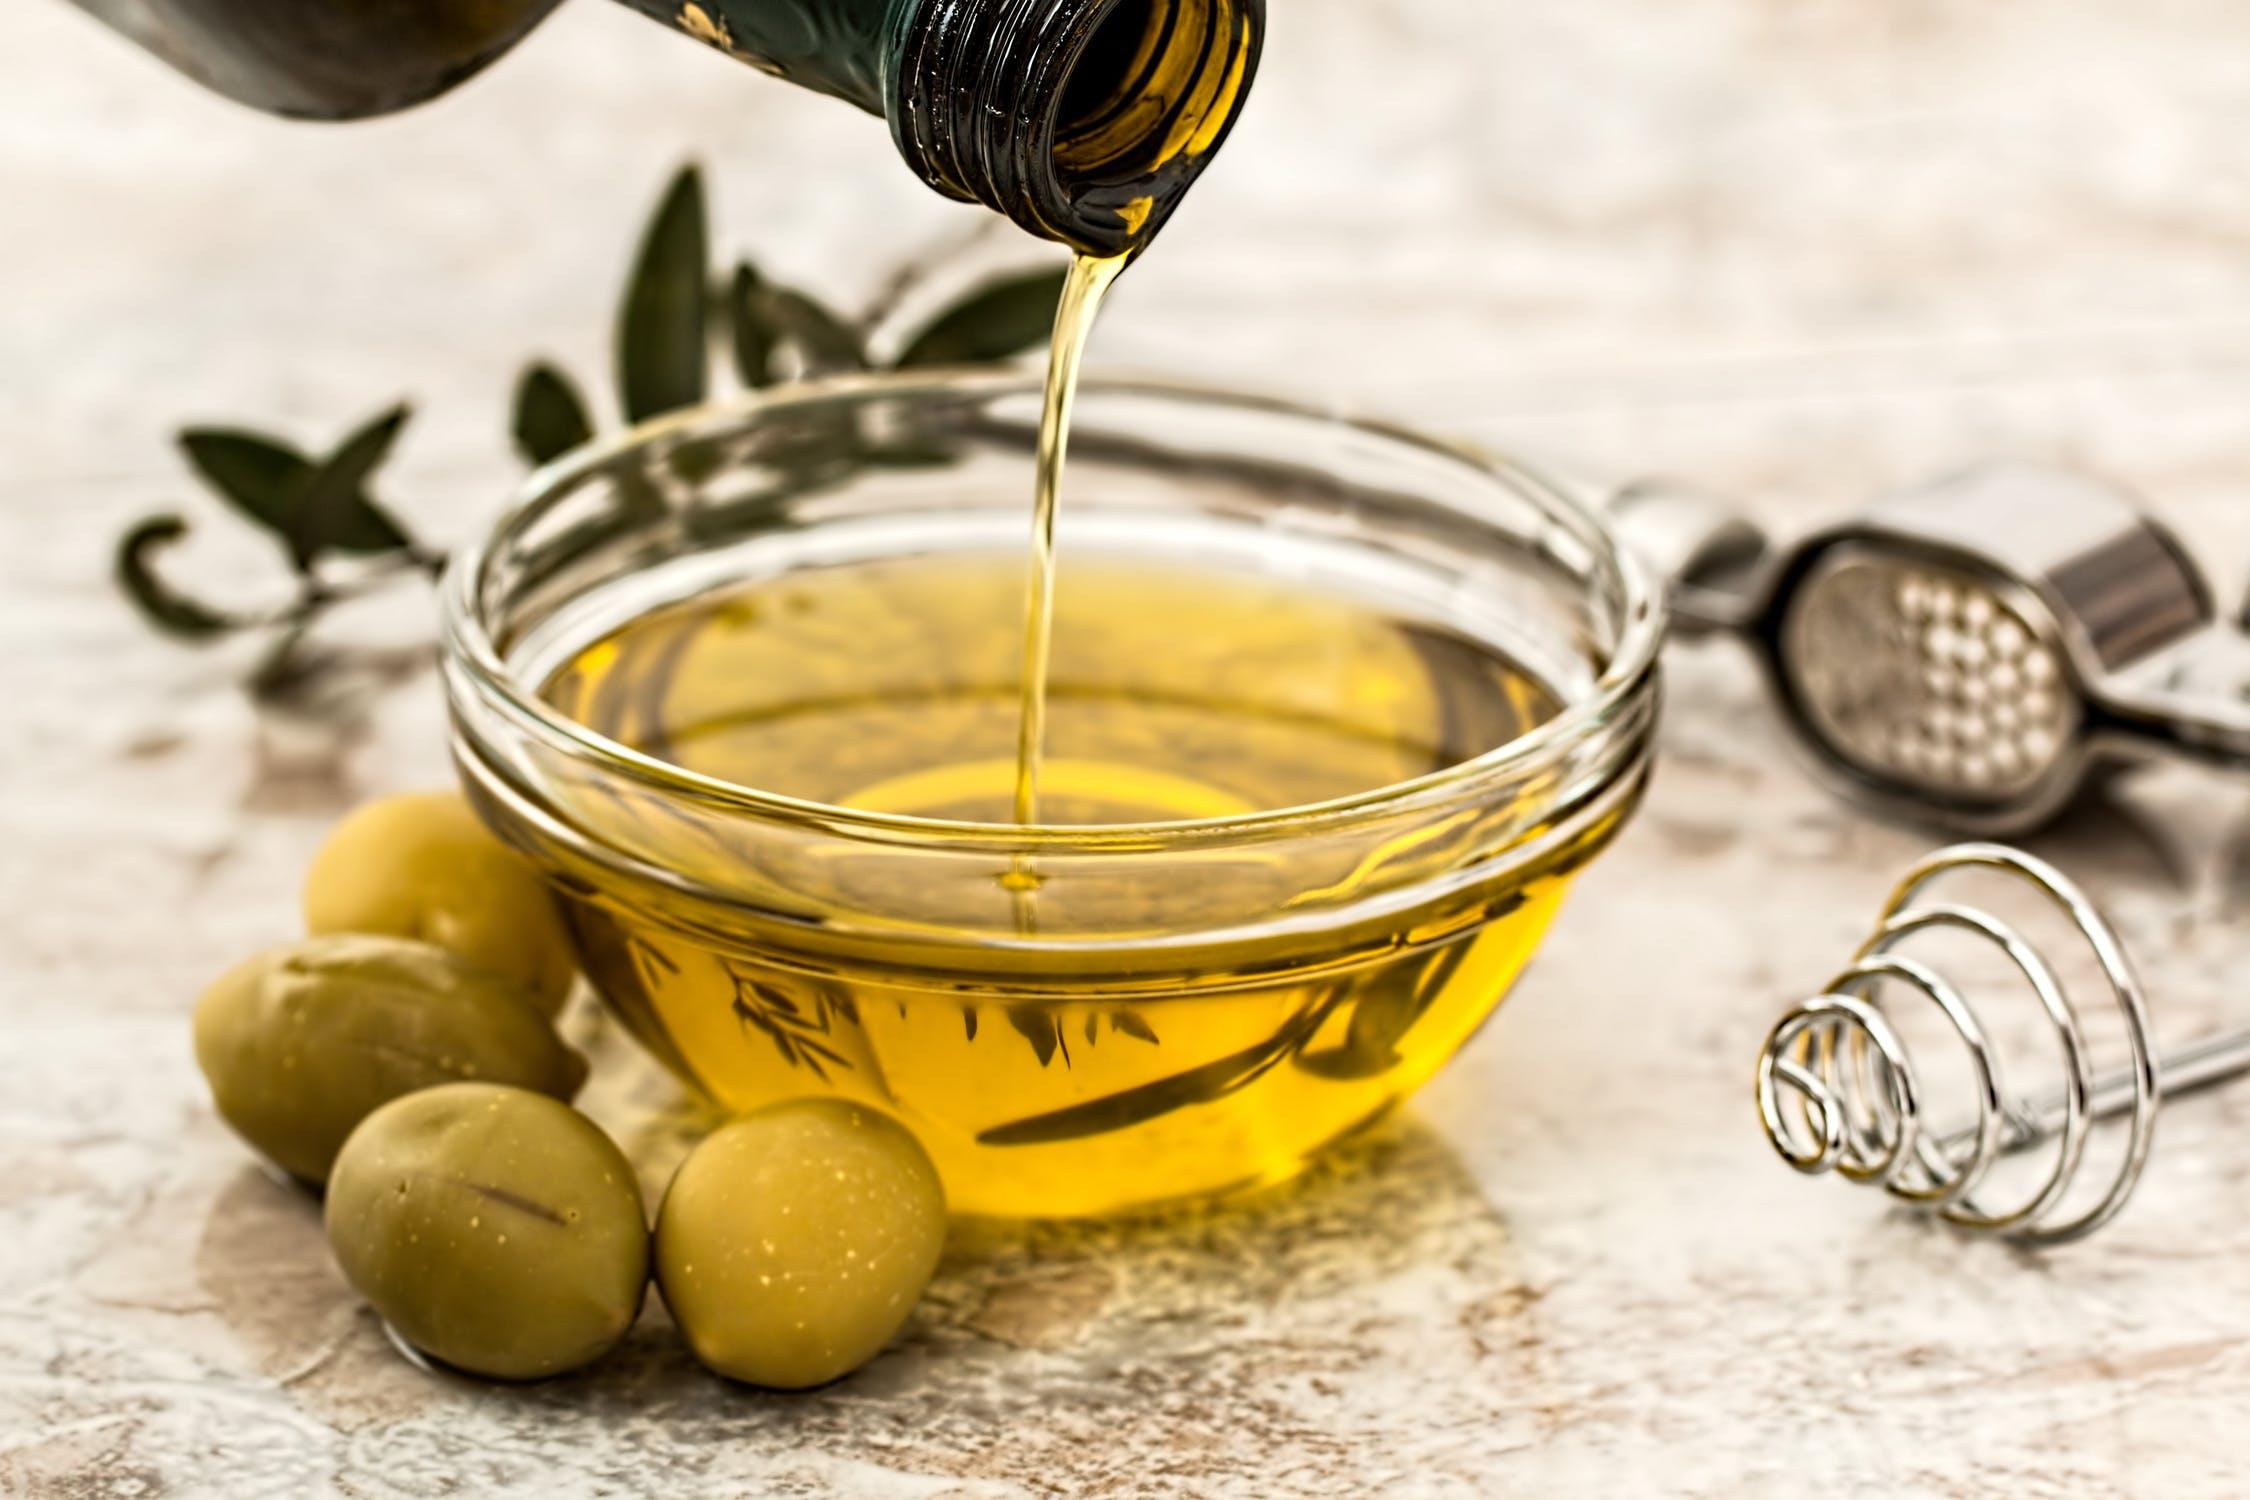 olive-oil-salad-dressing-cooking-olive